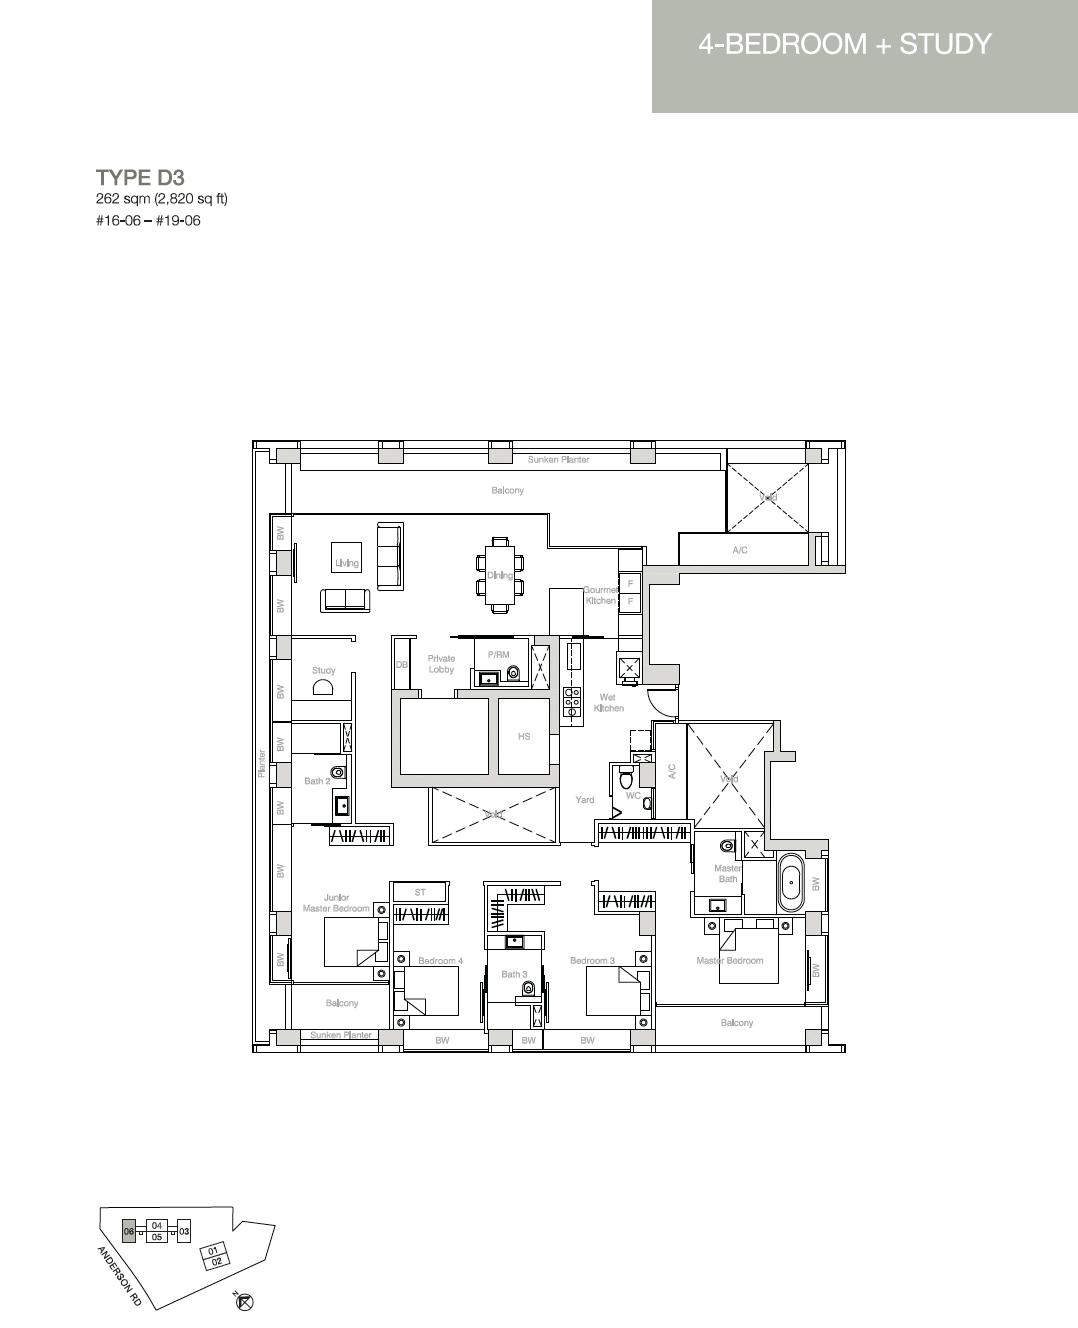 Nouvel-18-floor-plan-4Stude-type-D3